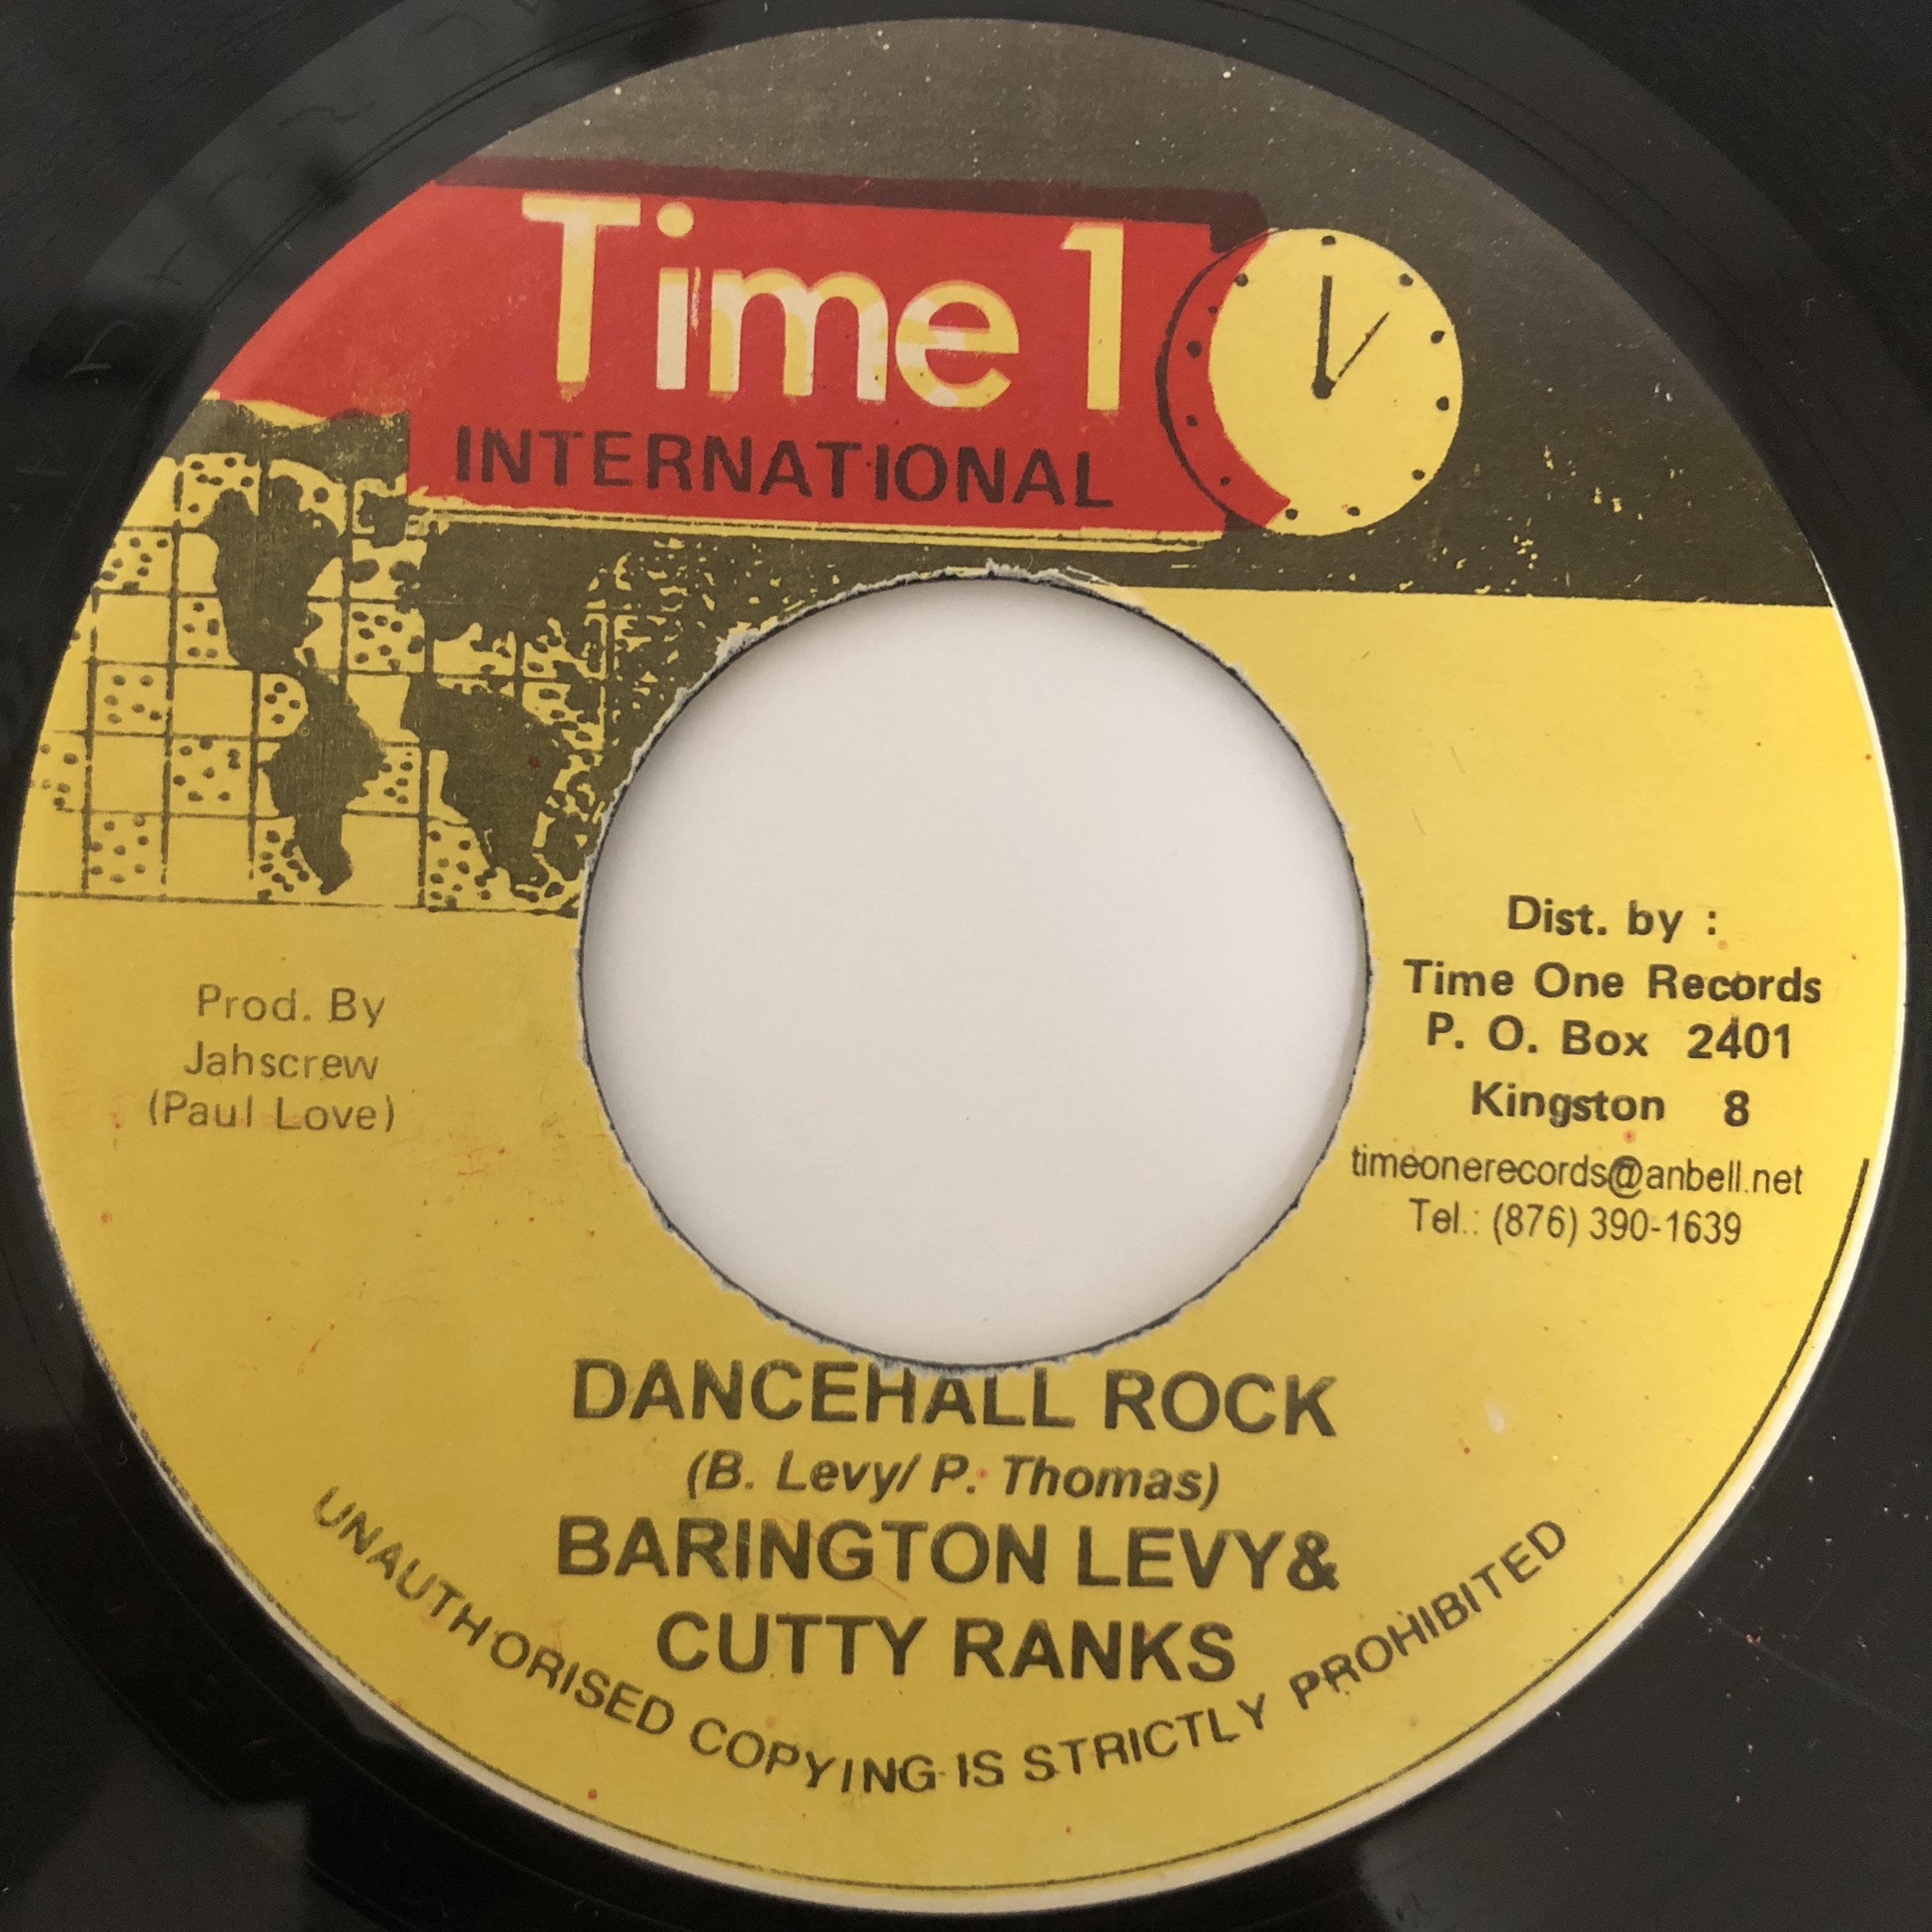 Barrington Levy, Cutty Ranks - Dancehall Rock【7-20391】【7-20391】